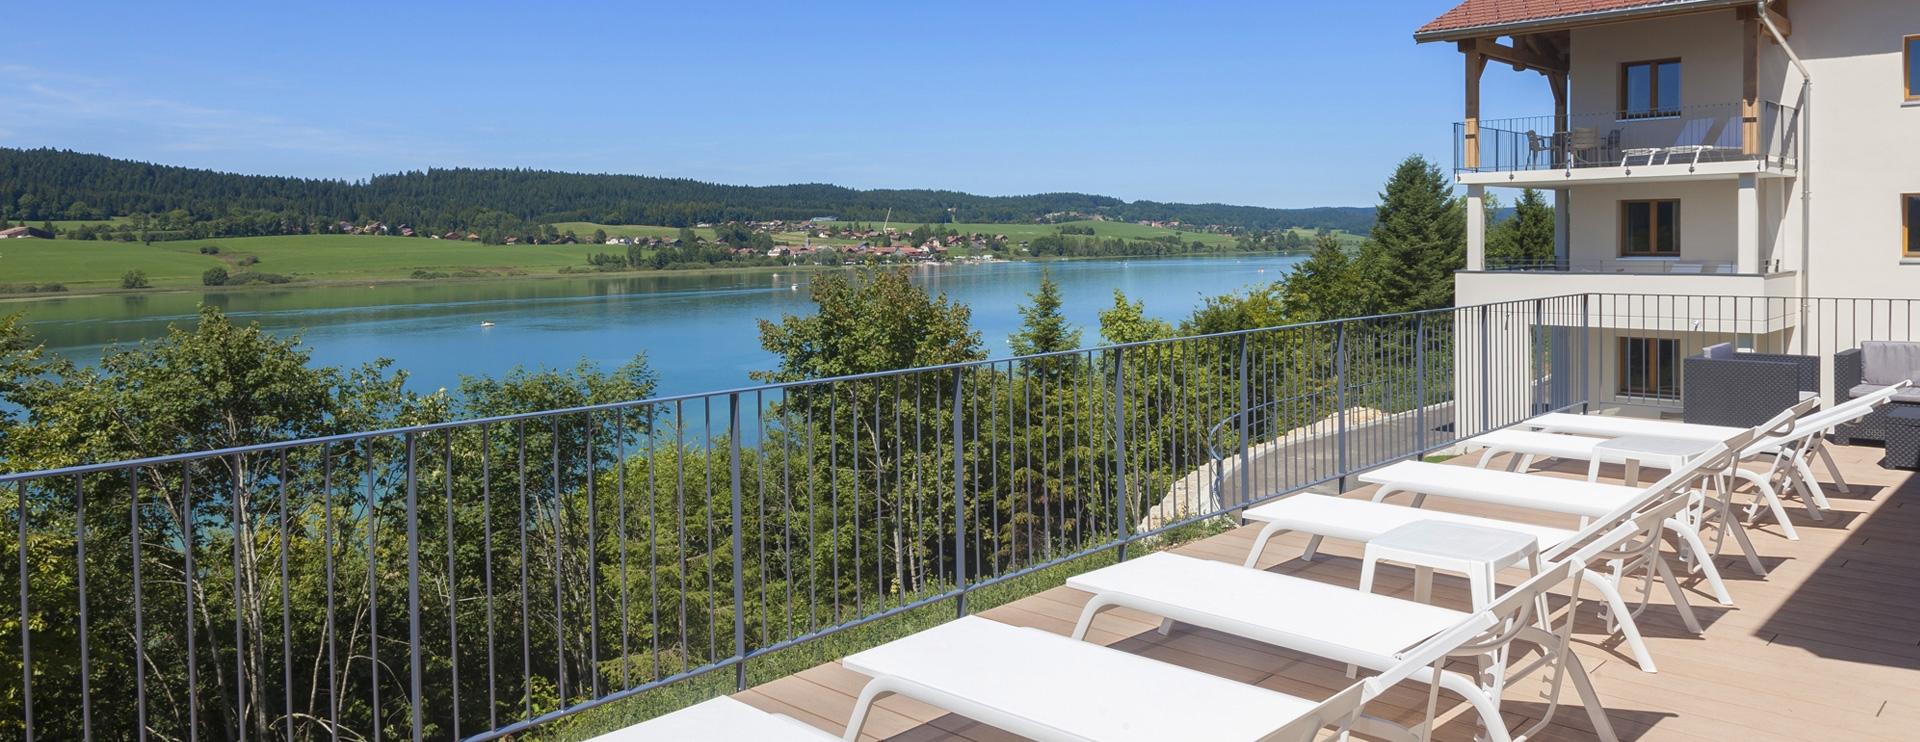 Terrasse Les Rives Sauvages hôtel Franche-Comté